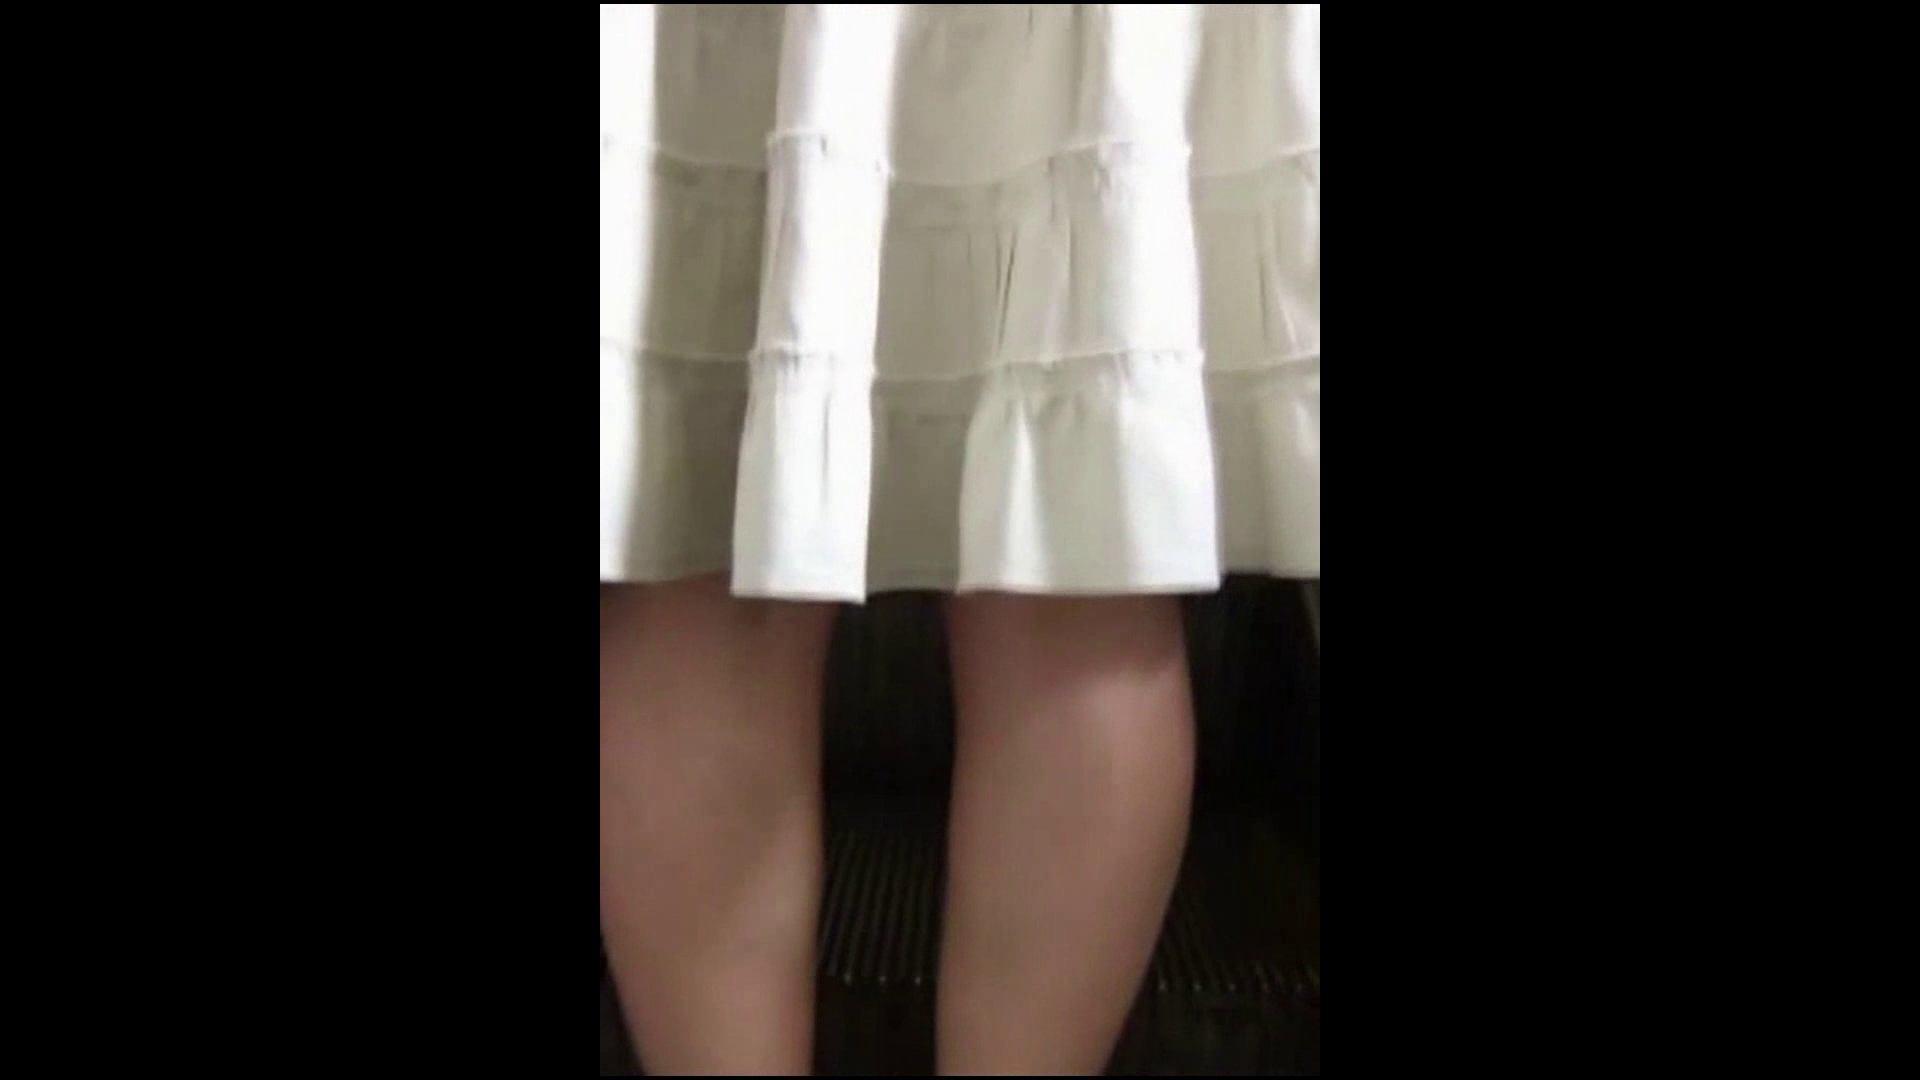 綺麗なモデルさんのスカート捲っちゃおう‼vol01 OLエロ画像 | お姉さん  79PICs 59